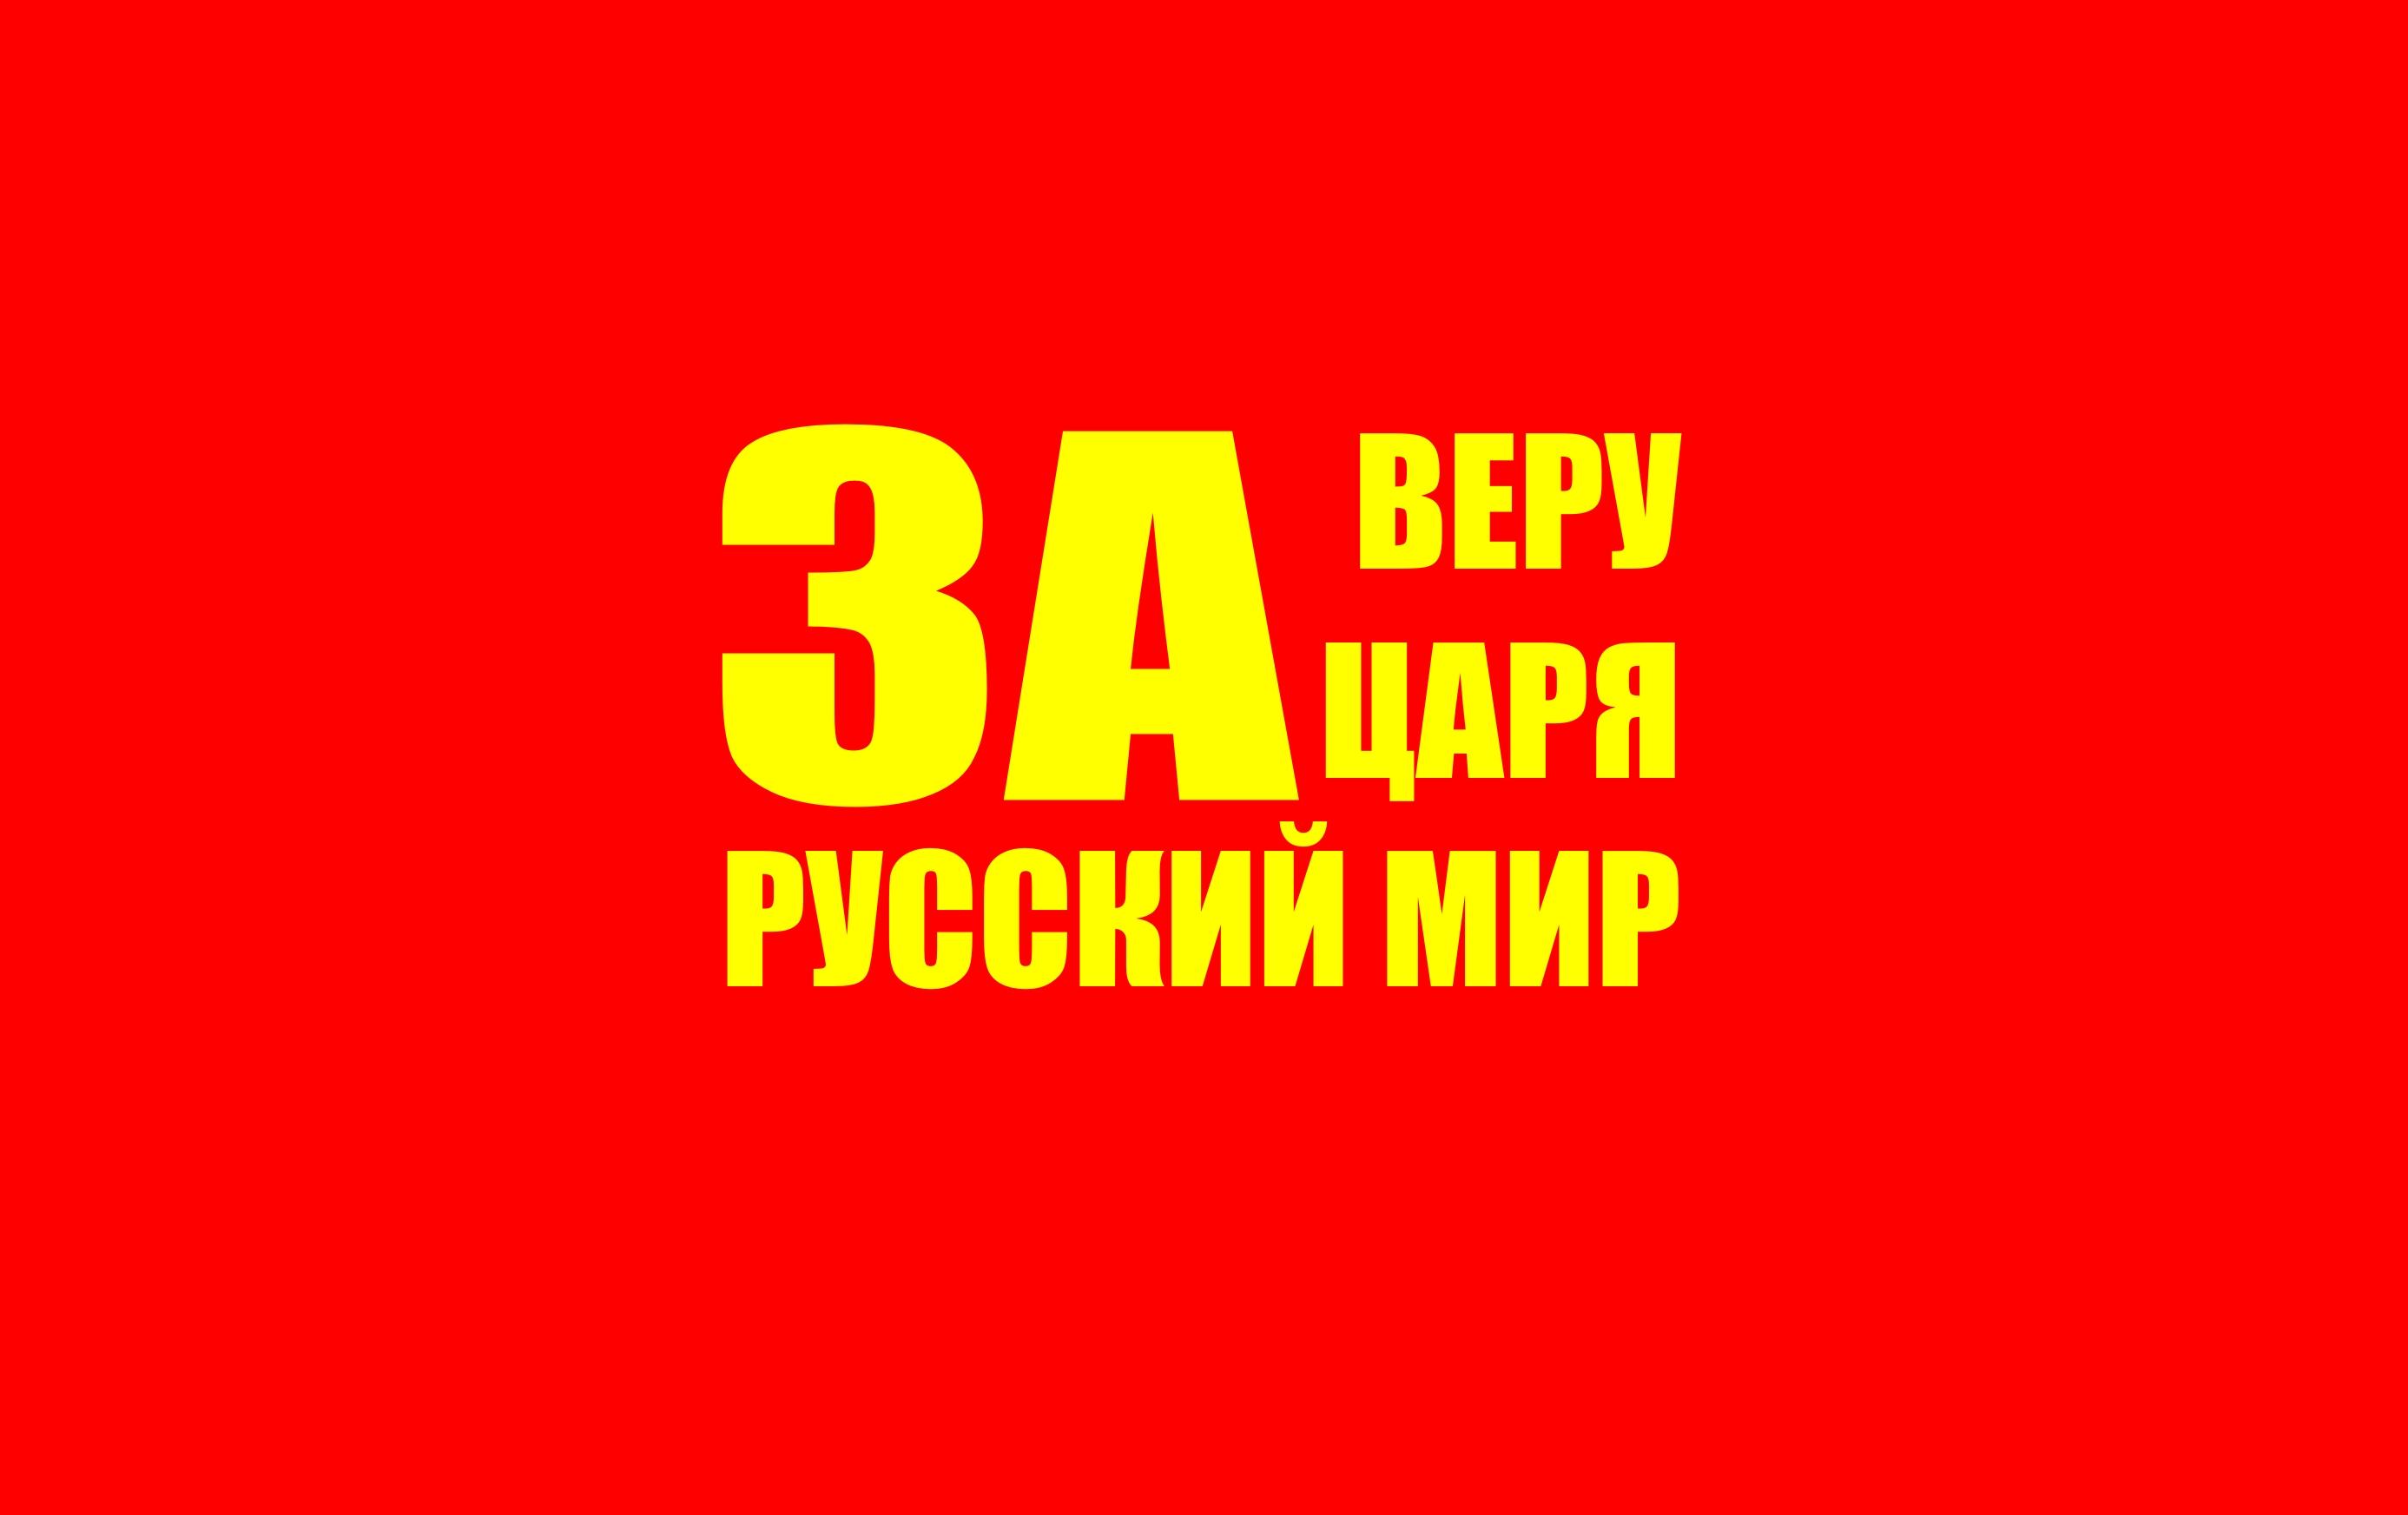 За Веру, Царя, Русский Мир